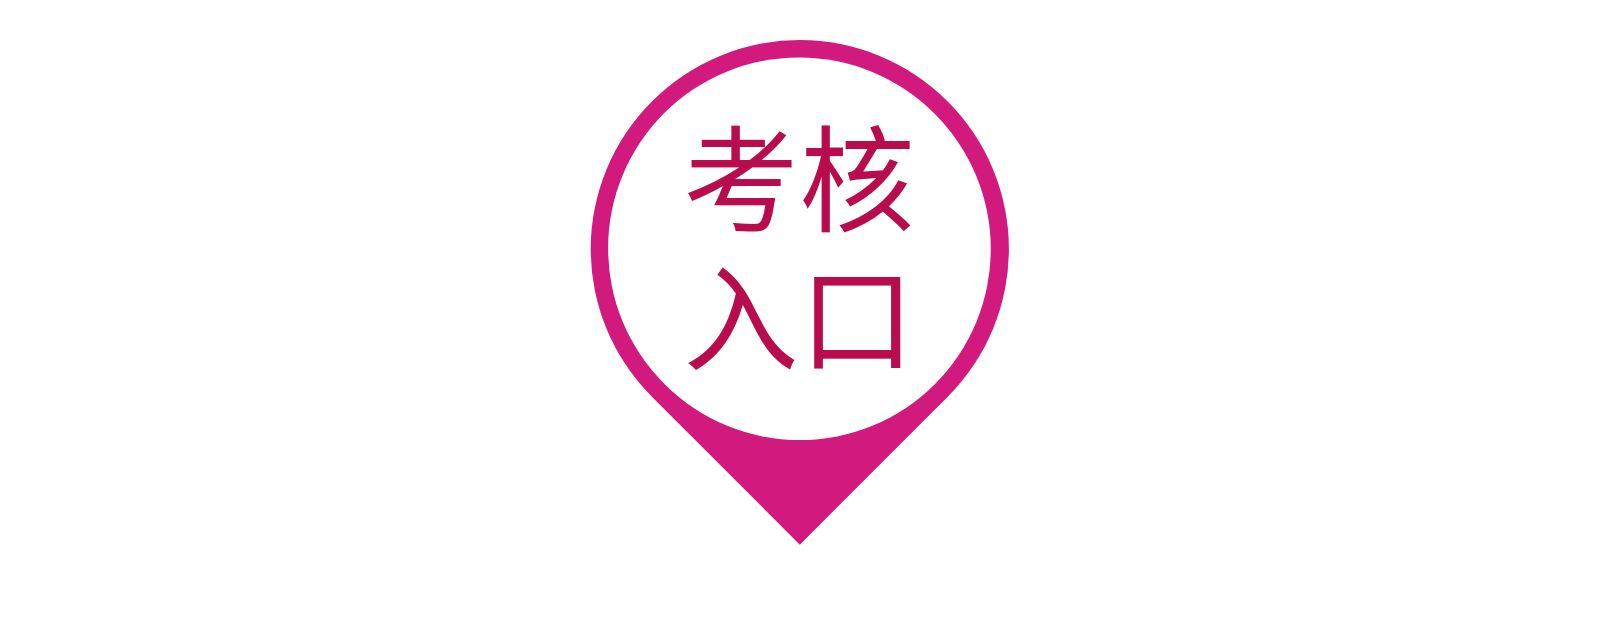 xiumi_1533173932803_12651973.jpg